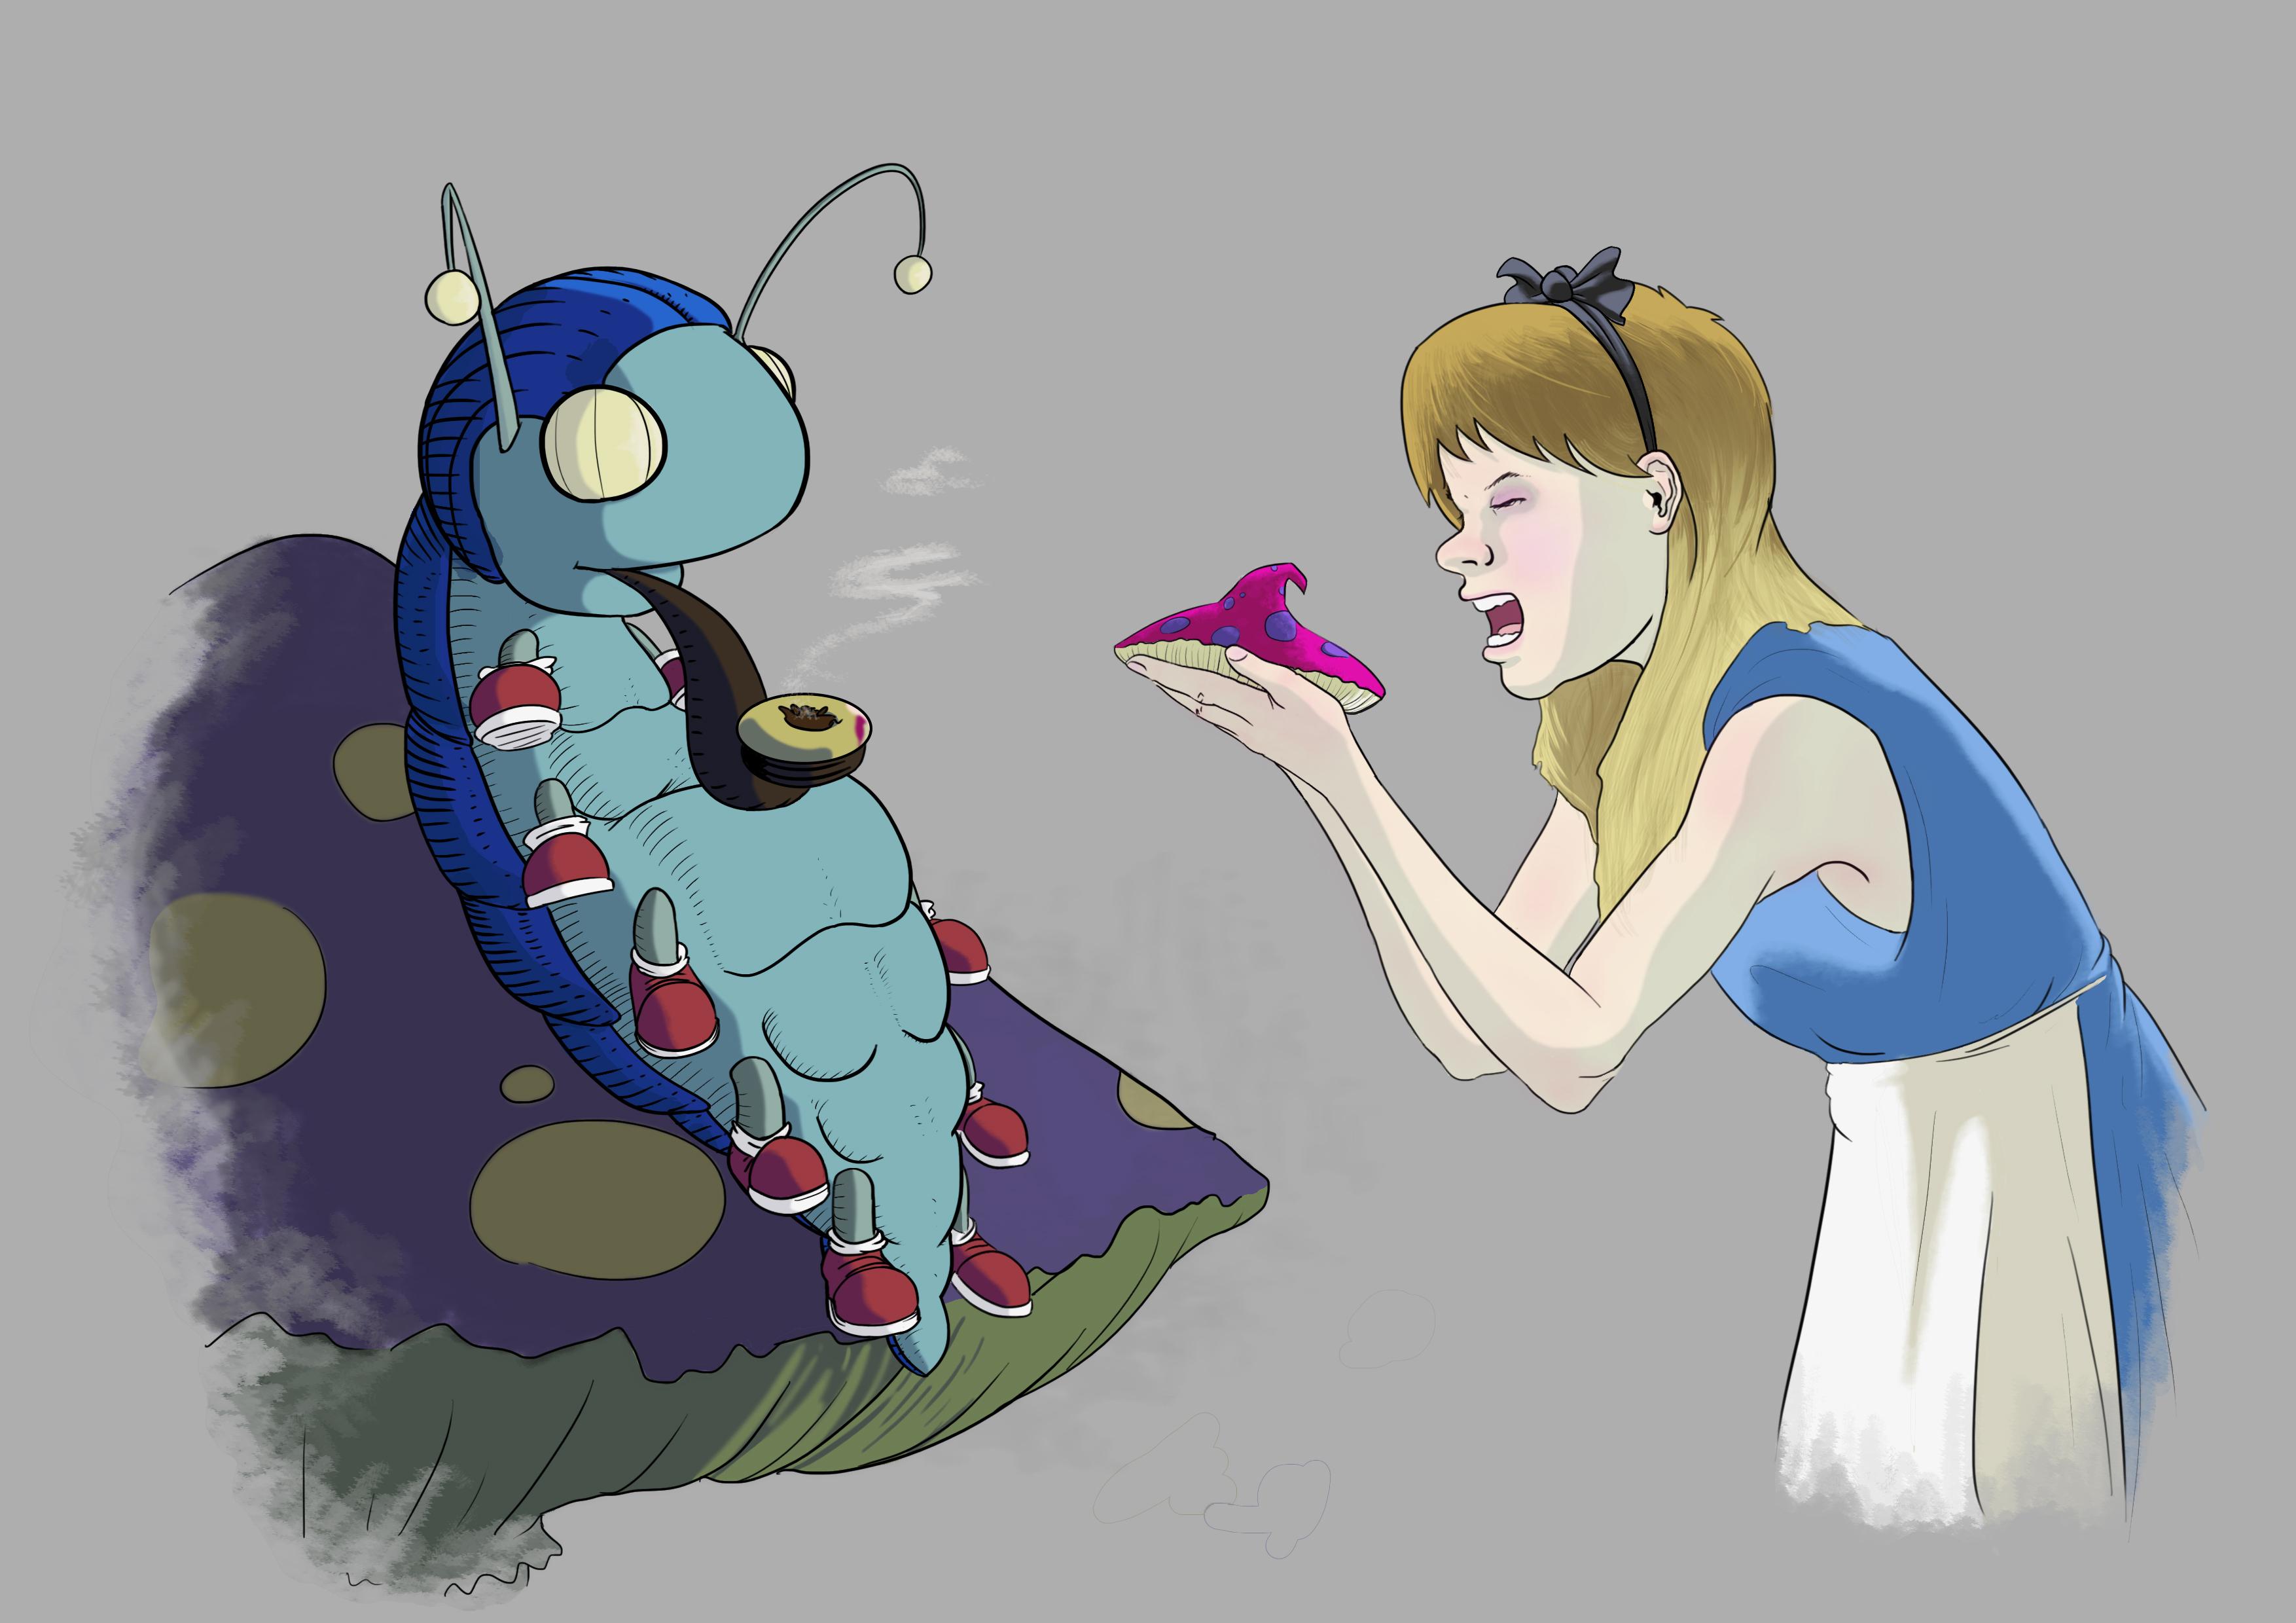 Alice in Wanderlands - Caterpillar